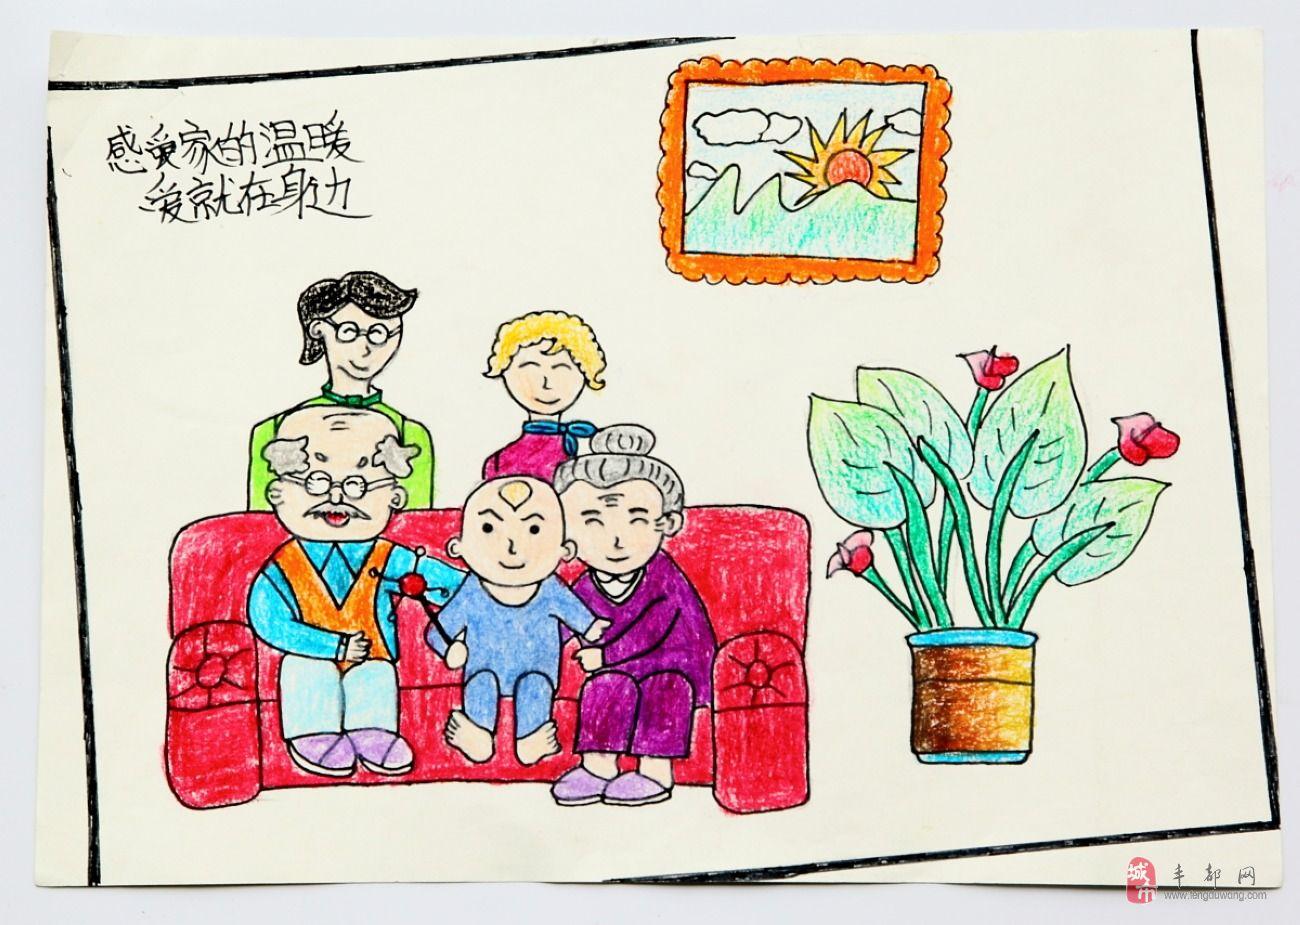 我的家绘画图片_我的一家儿童画内容图片展示_我的一家儿童画图片下载